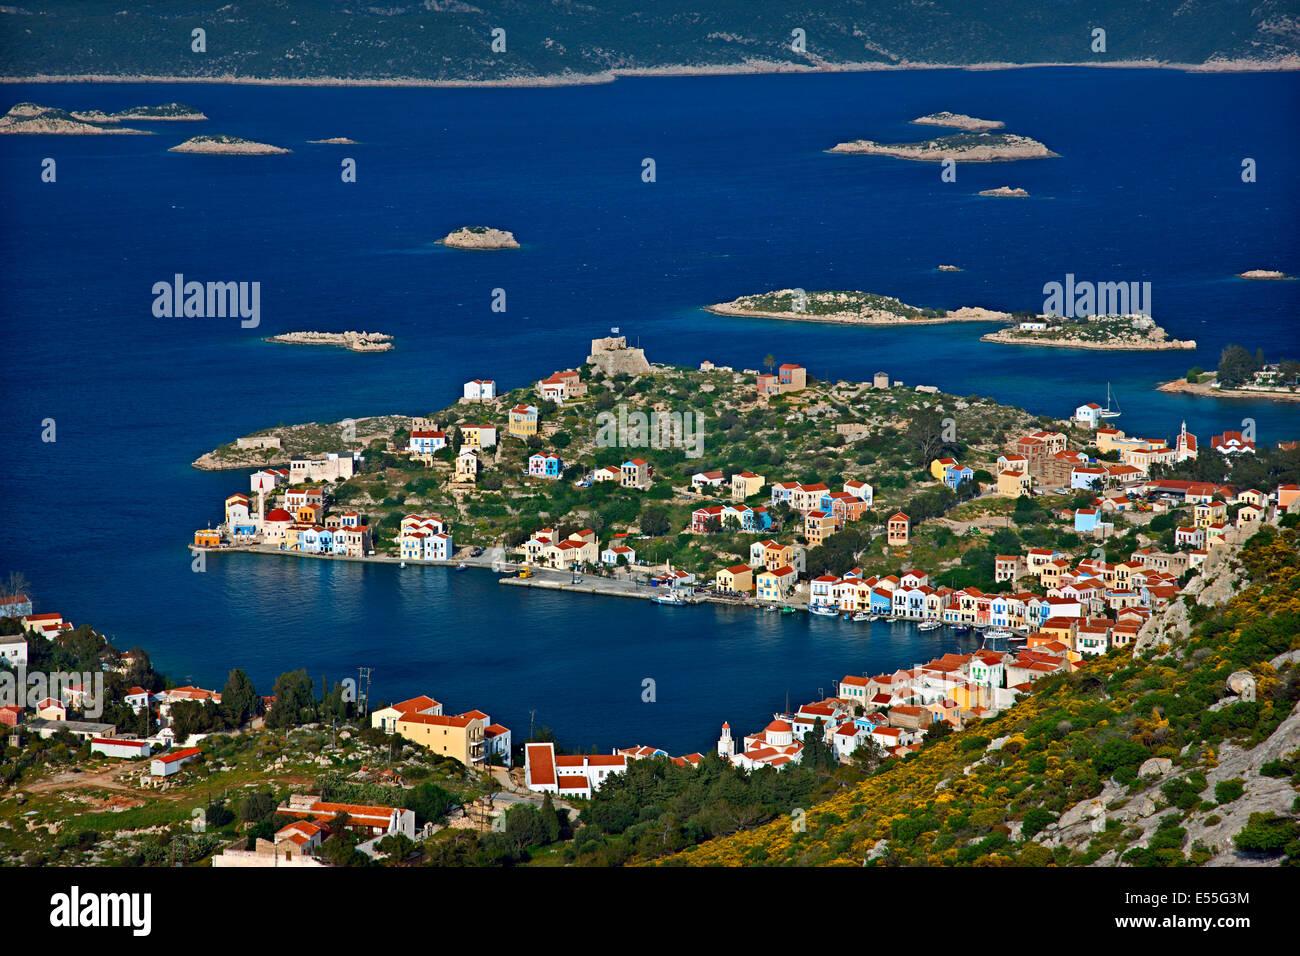 """Vue panoramique sur le pittoresque village de Kastellorizo (ou """"eghisti') island, îles du Dodécanèse, Grèce Banque D'Images"""